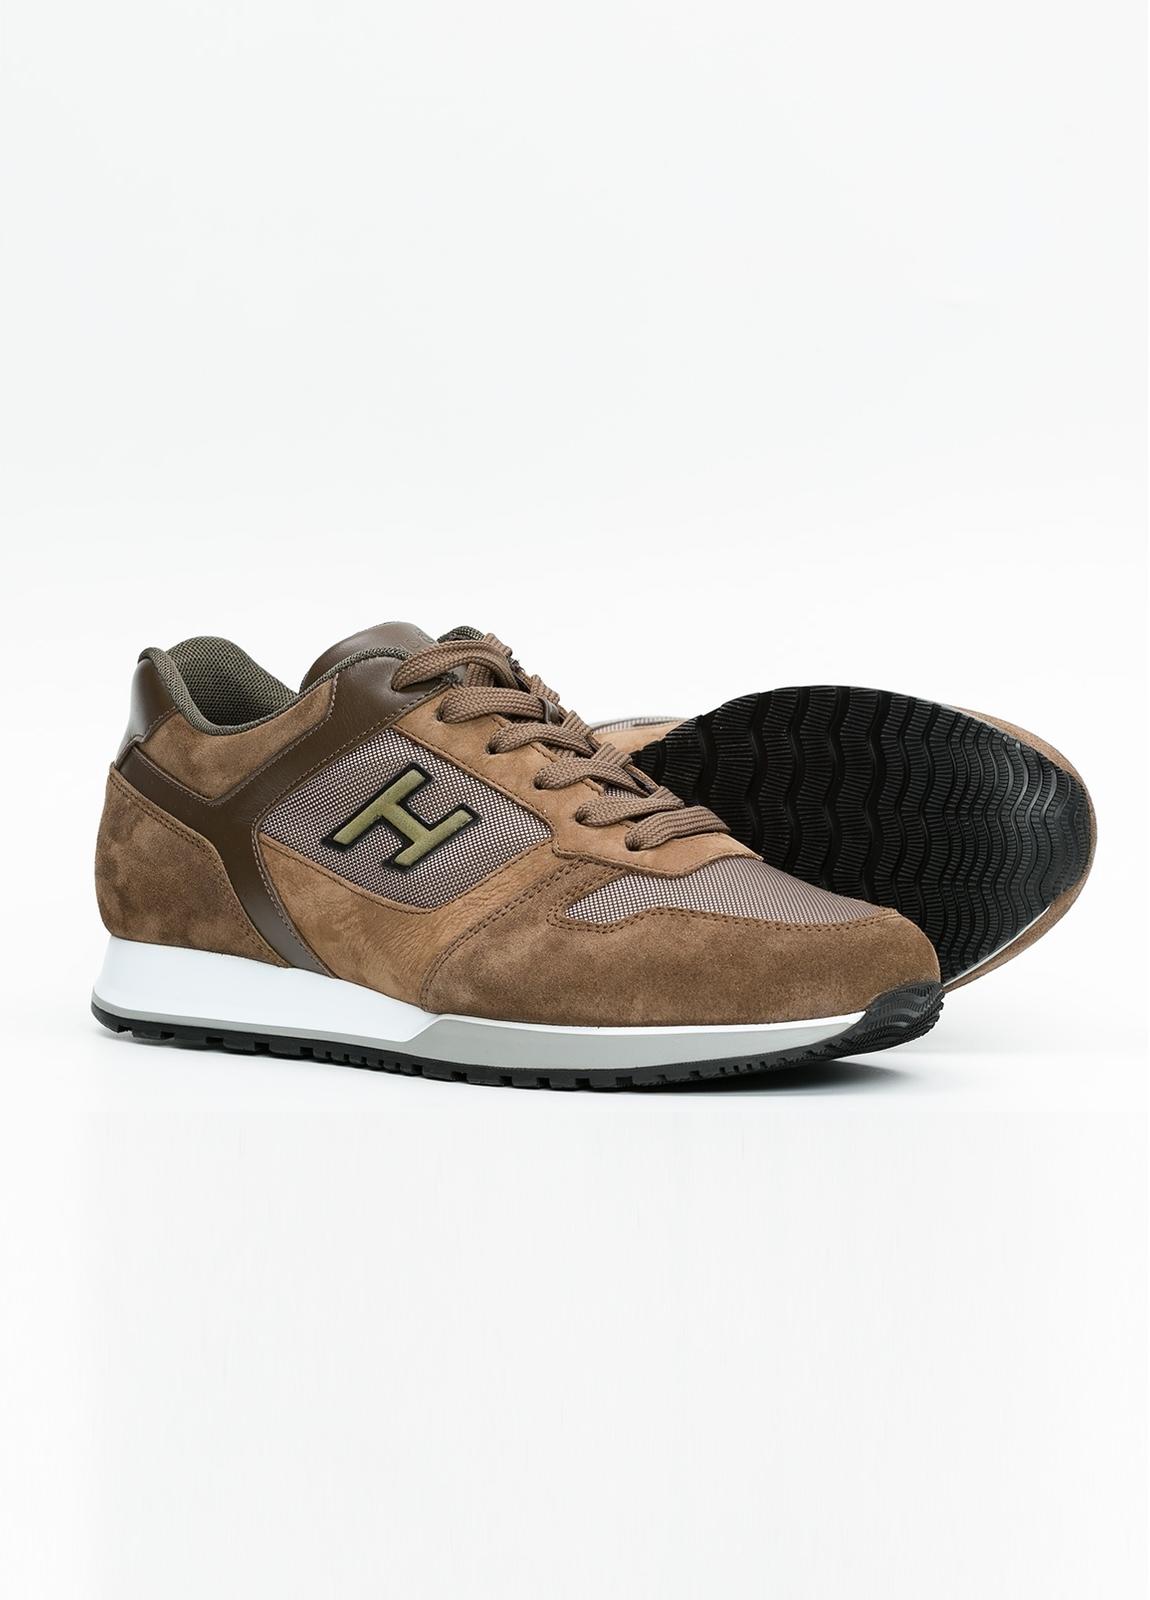 Calzado sport ALLACIATO color marrón. Combinación de serraje, tejido técnico y apliques en piel. - Ítem1